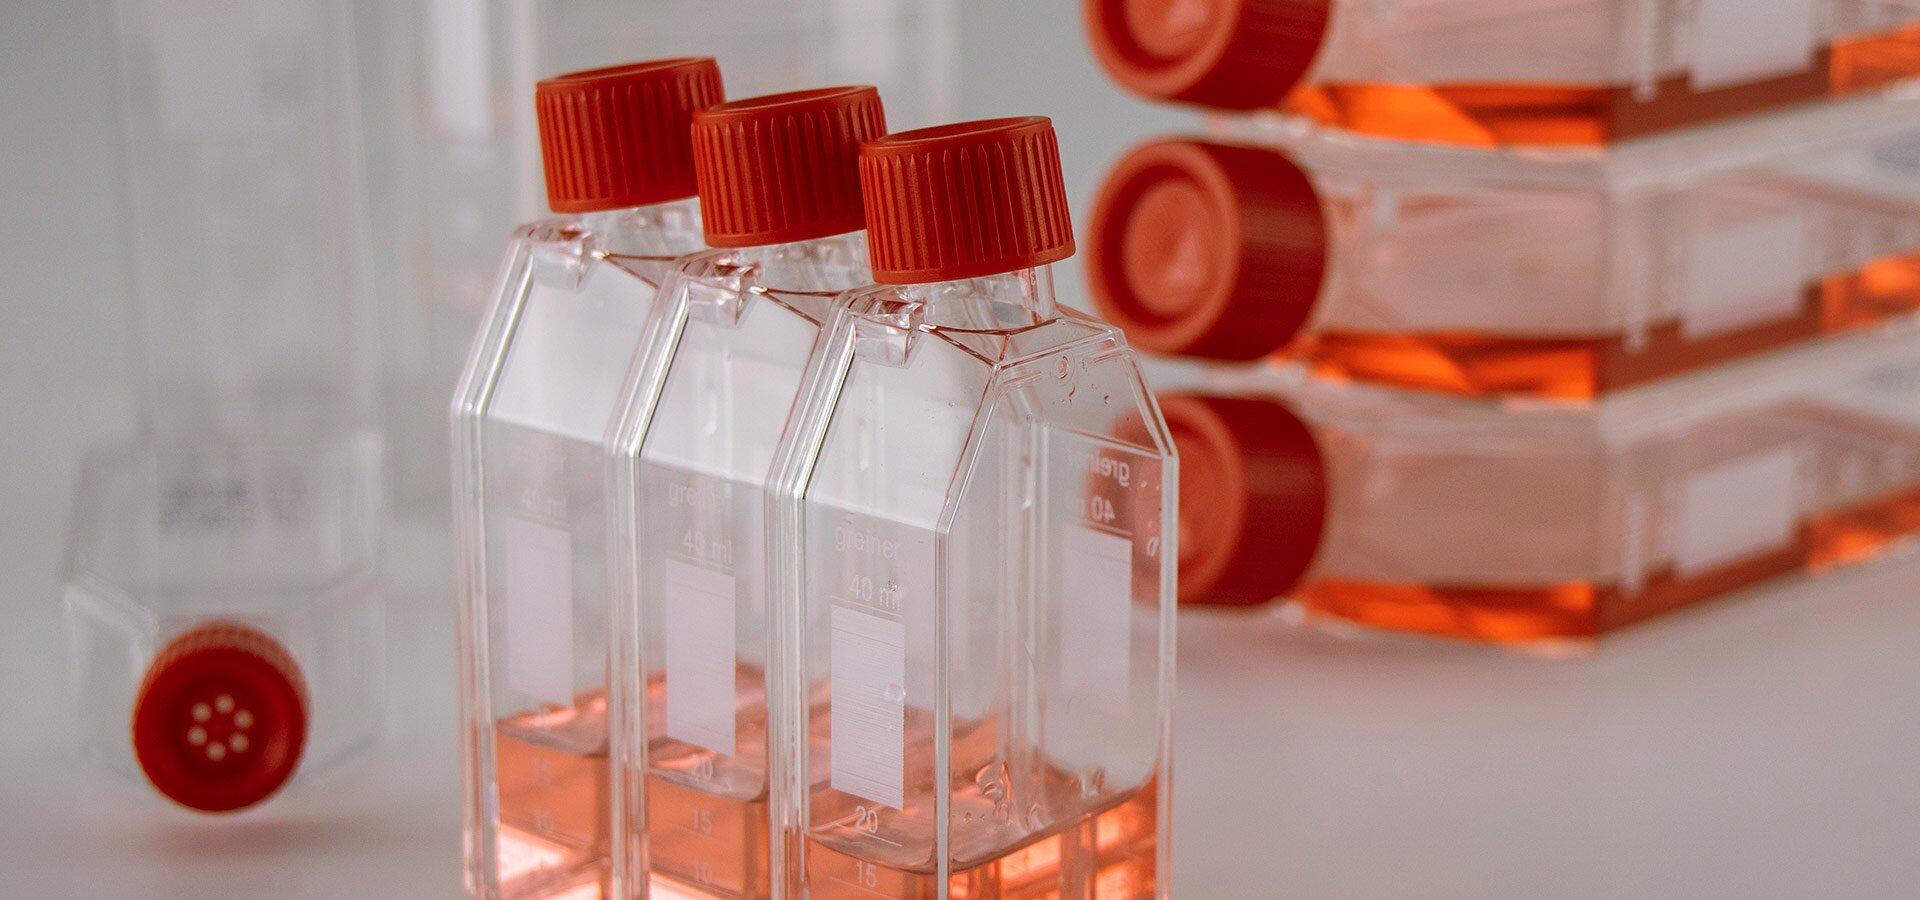 Greiner Bio-One CELLSTAR®